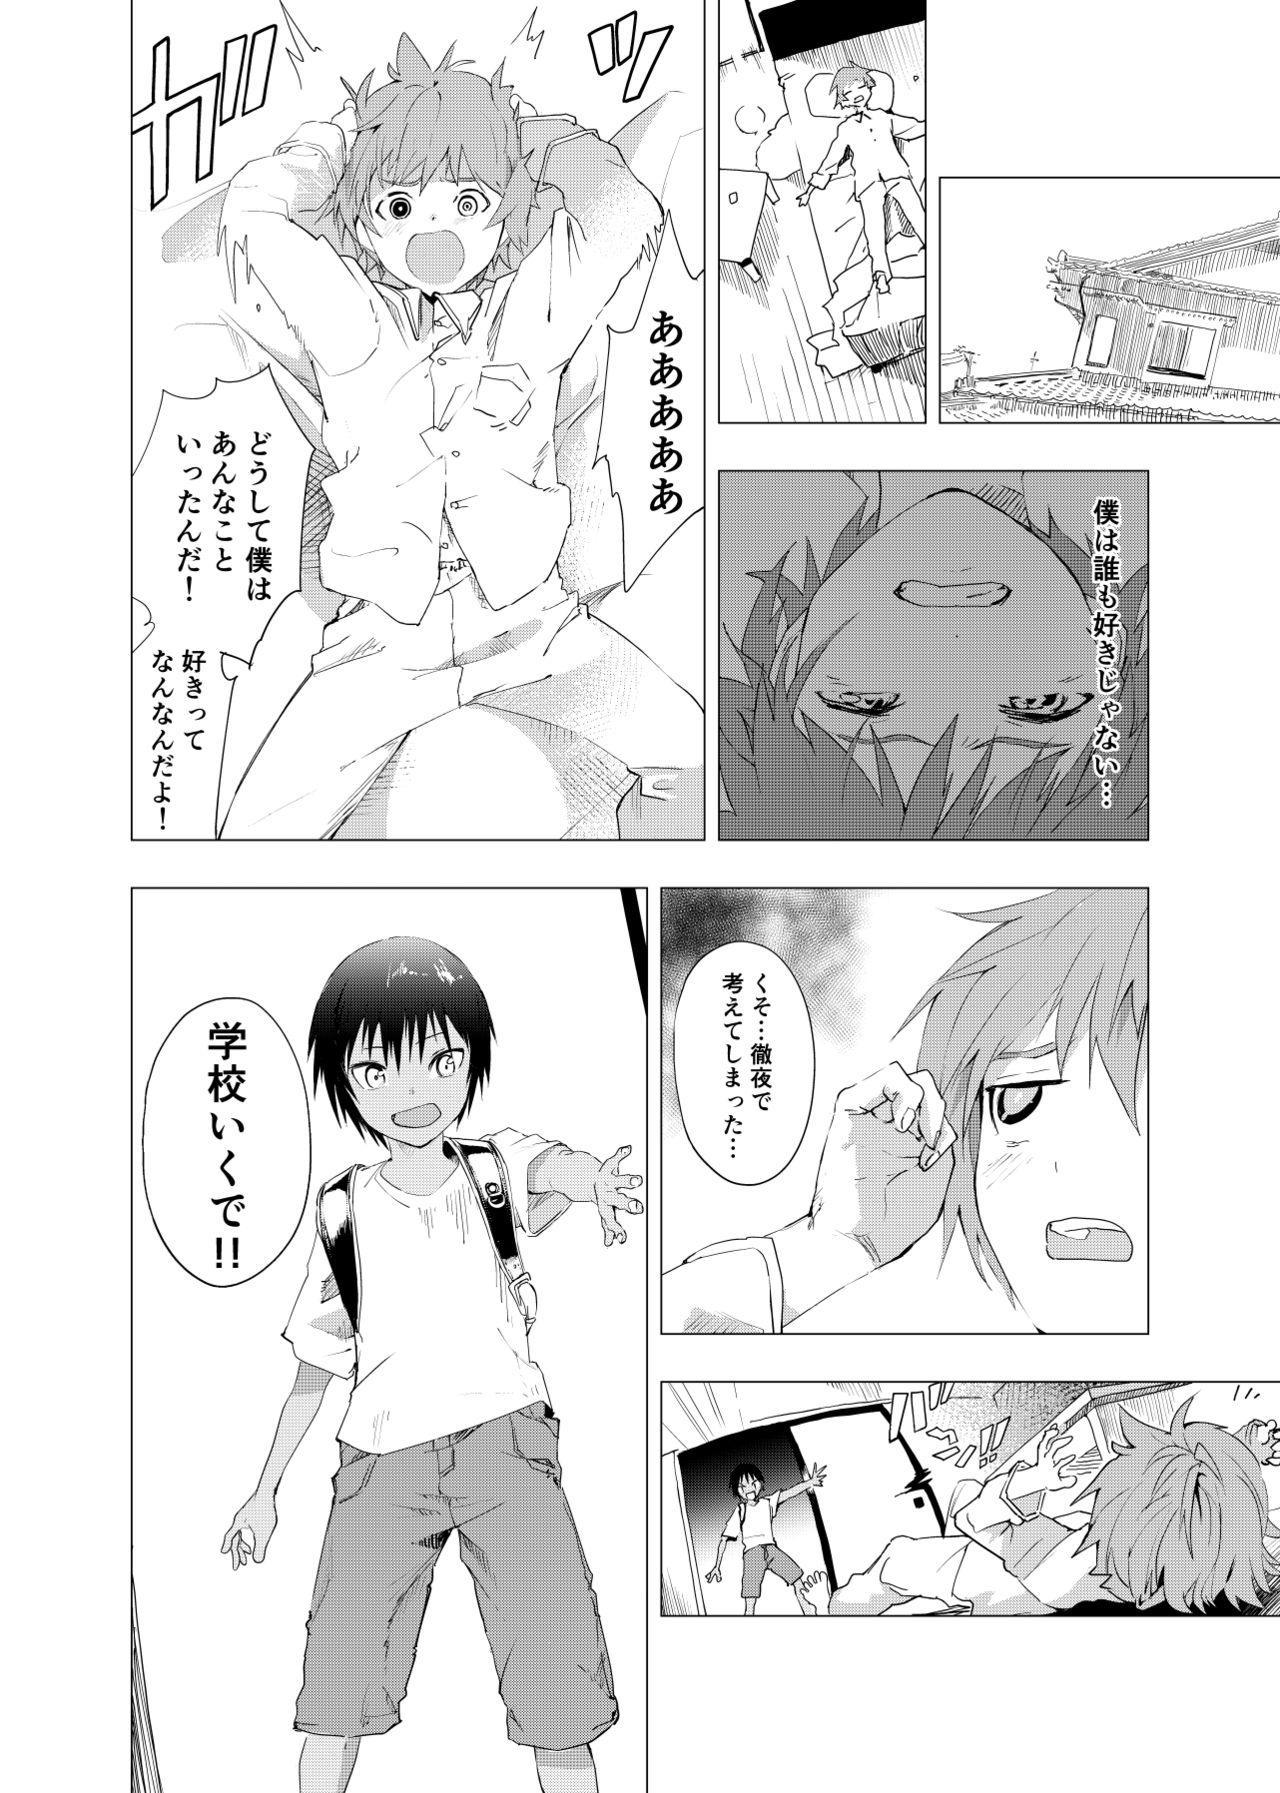 Inaka no Uke Shounen to Tokai no Seme Shounen no Ero Manga 1-6 131